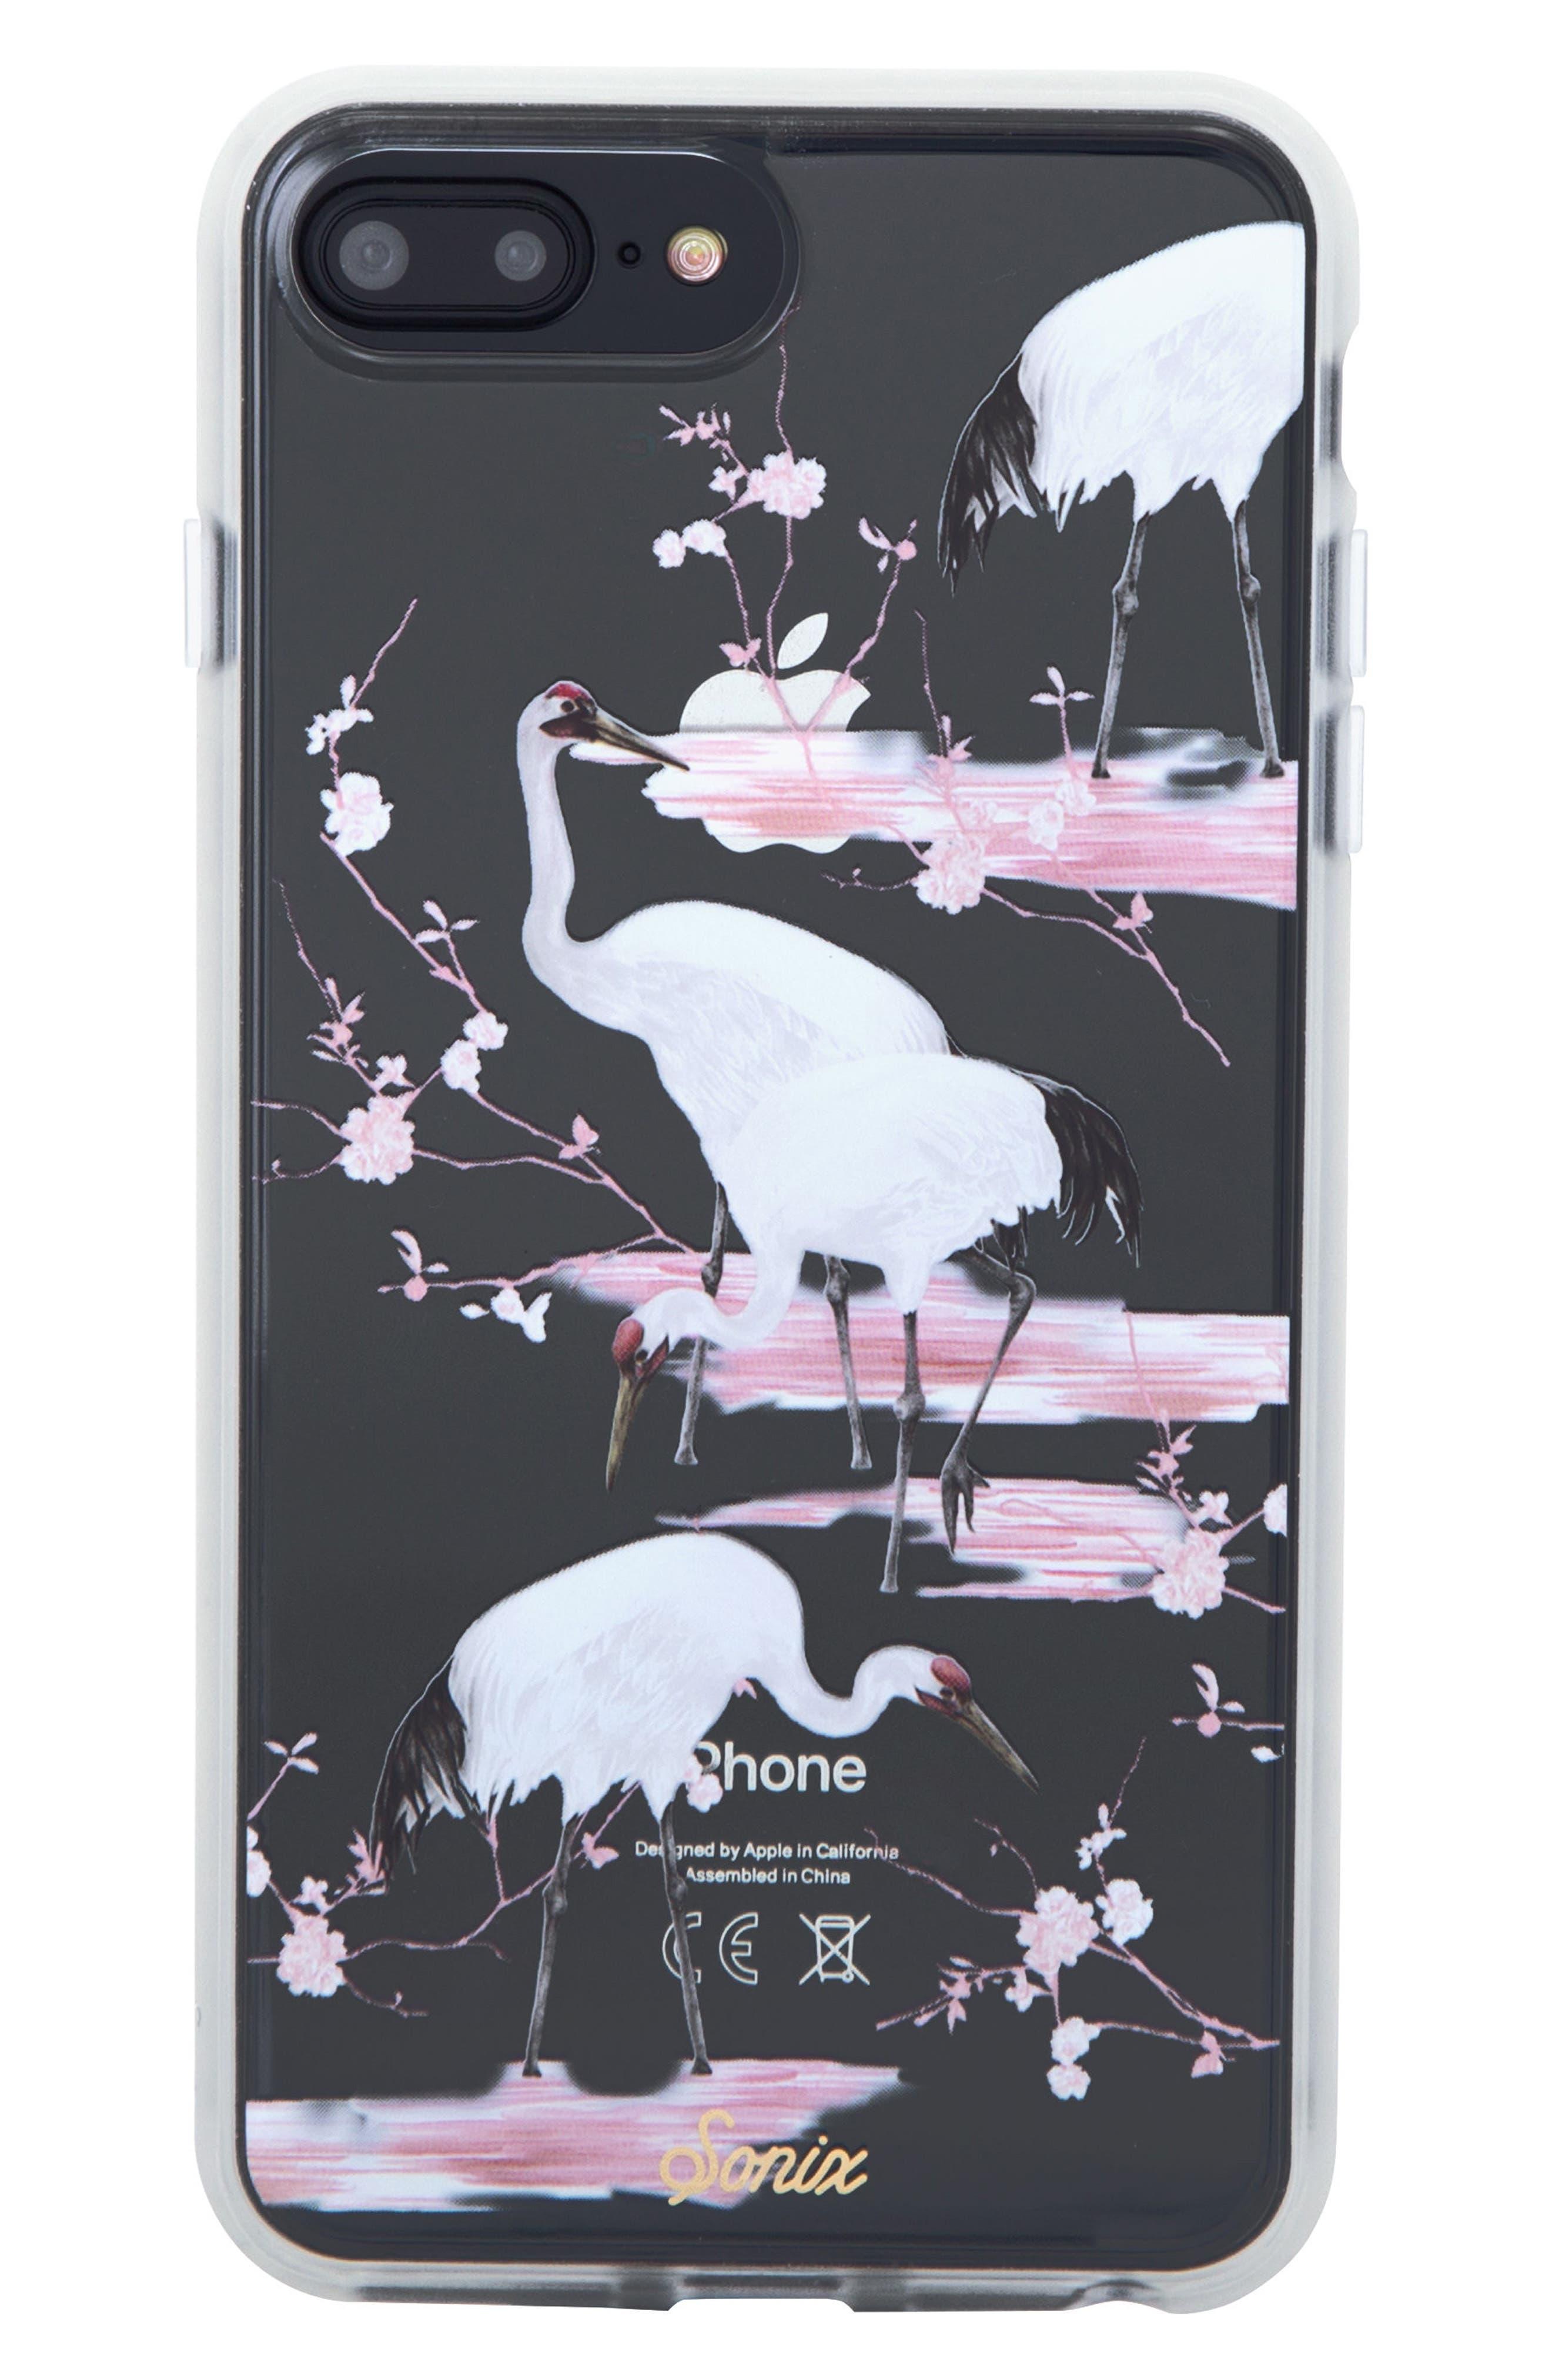 Crane iPhone 6/6s/7/8 Plus Case,                             Main thumbnail 1, color,                             WHITE/ PINK